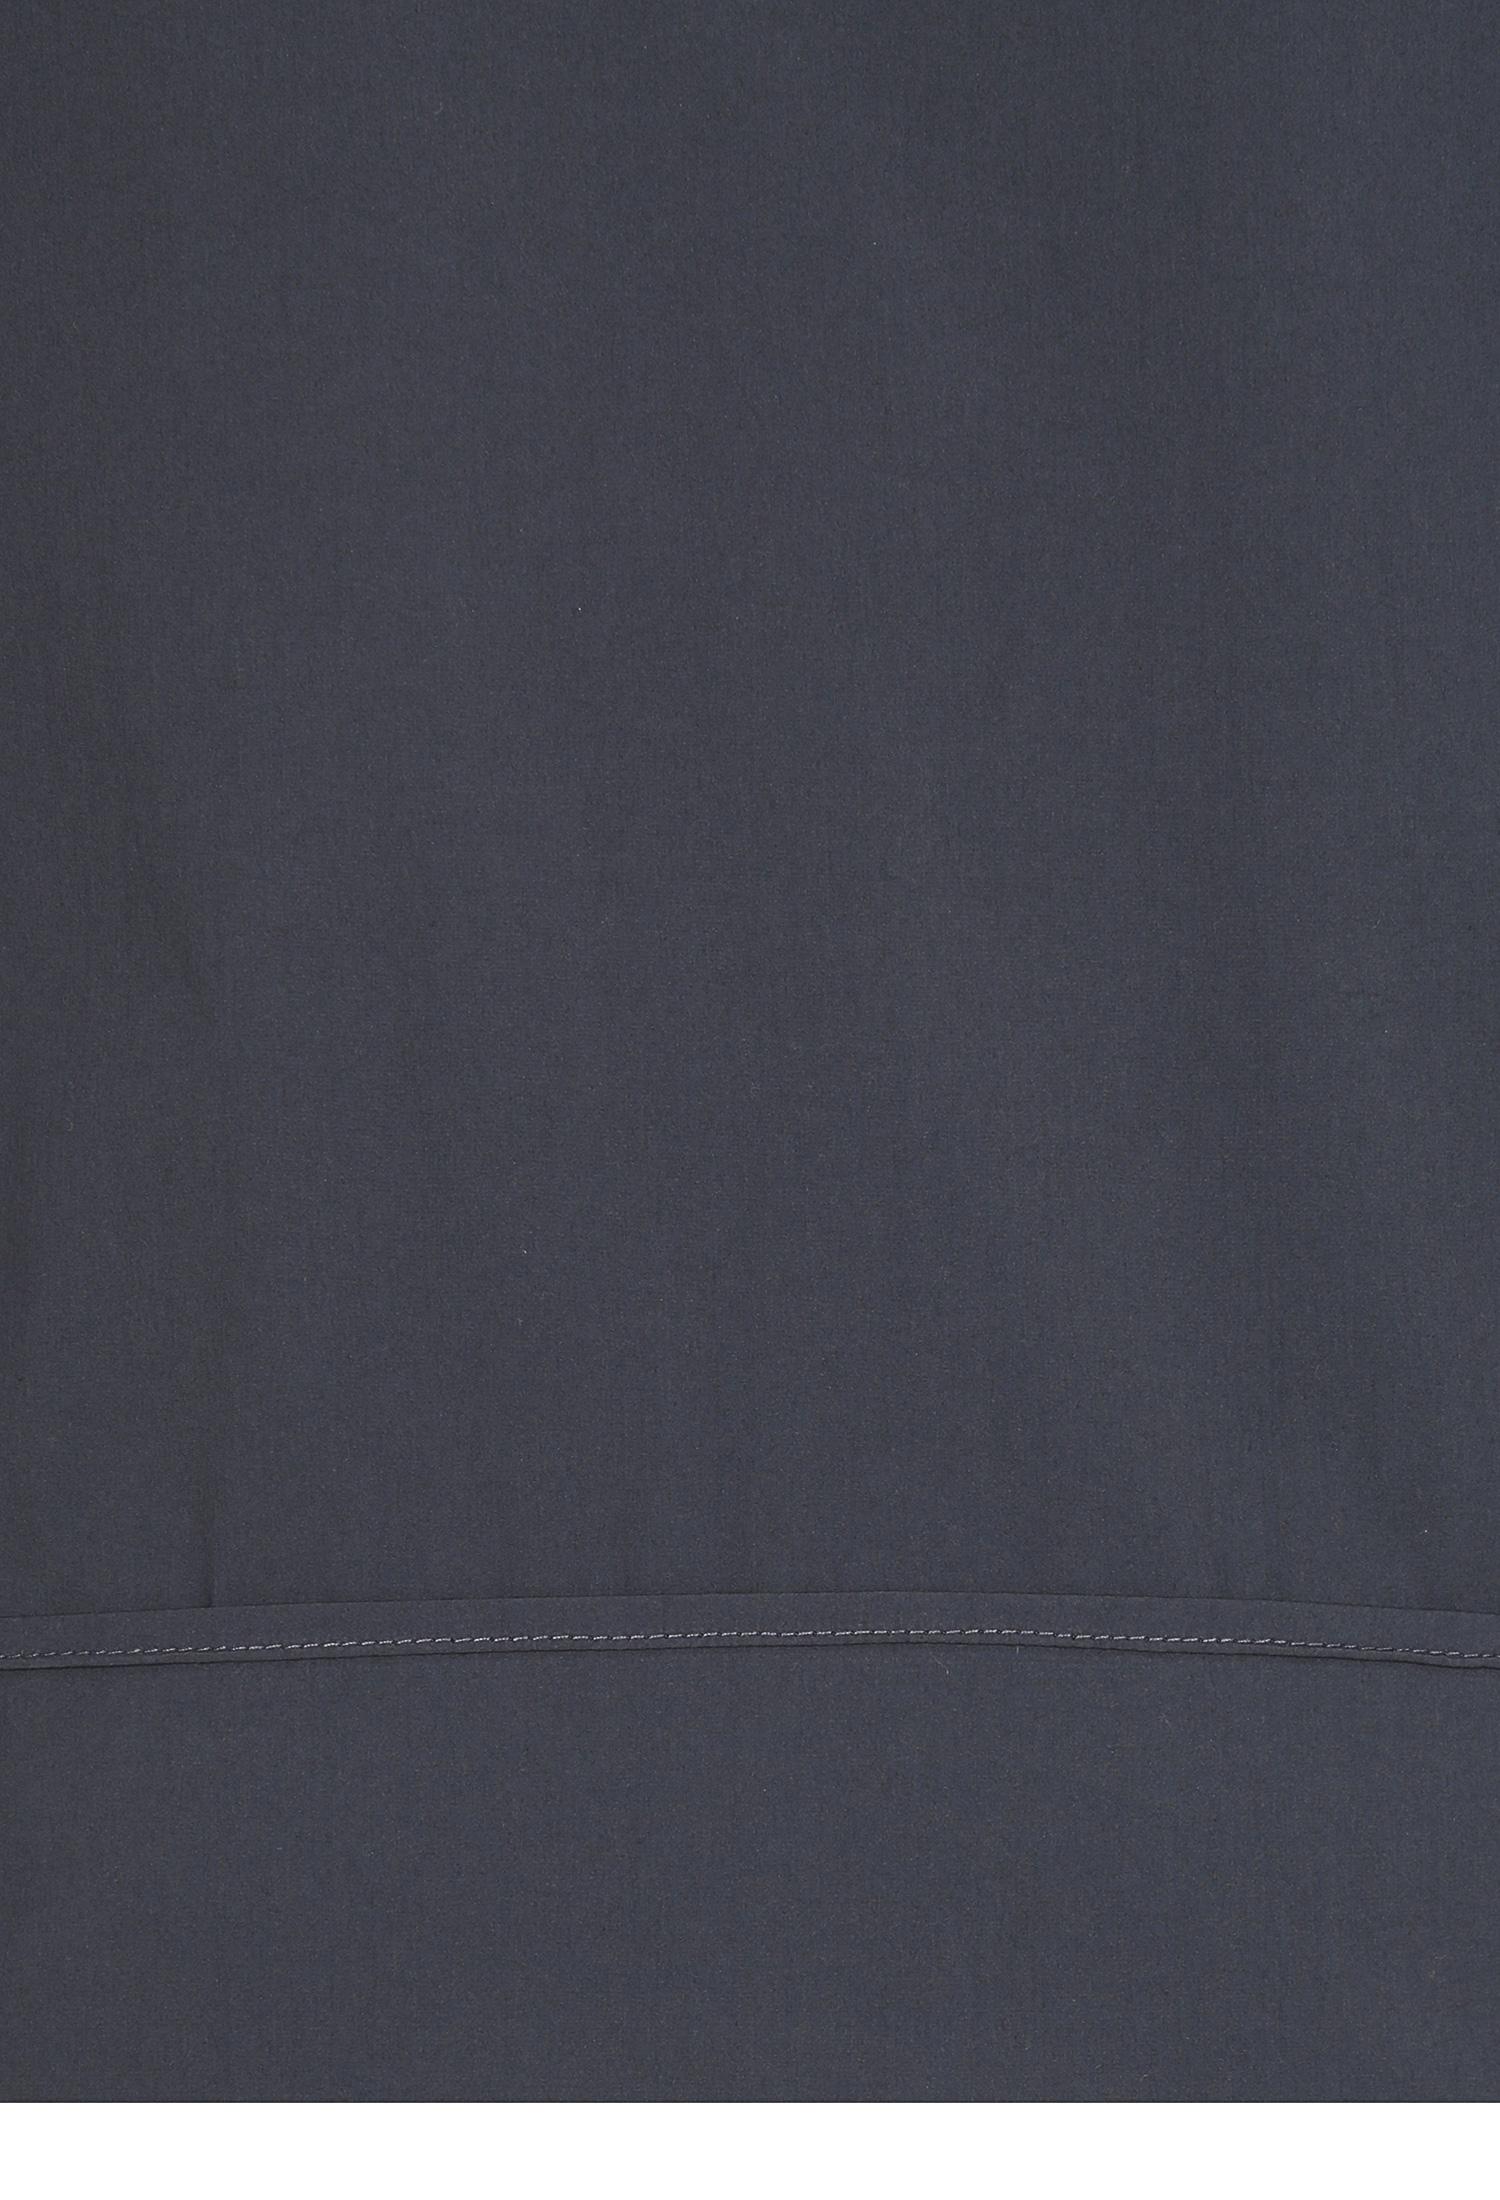 링 디테일 언발 셔츠 원피스 (GREY)